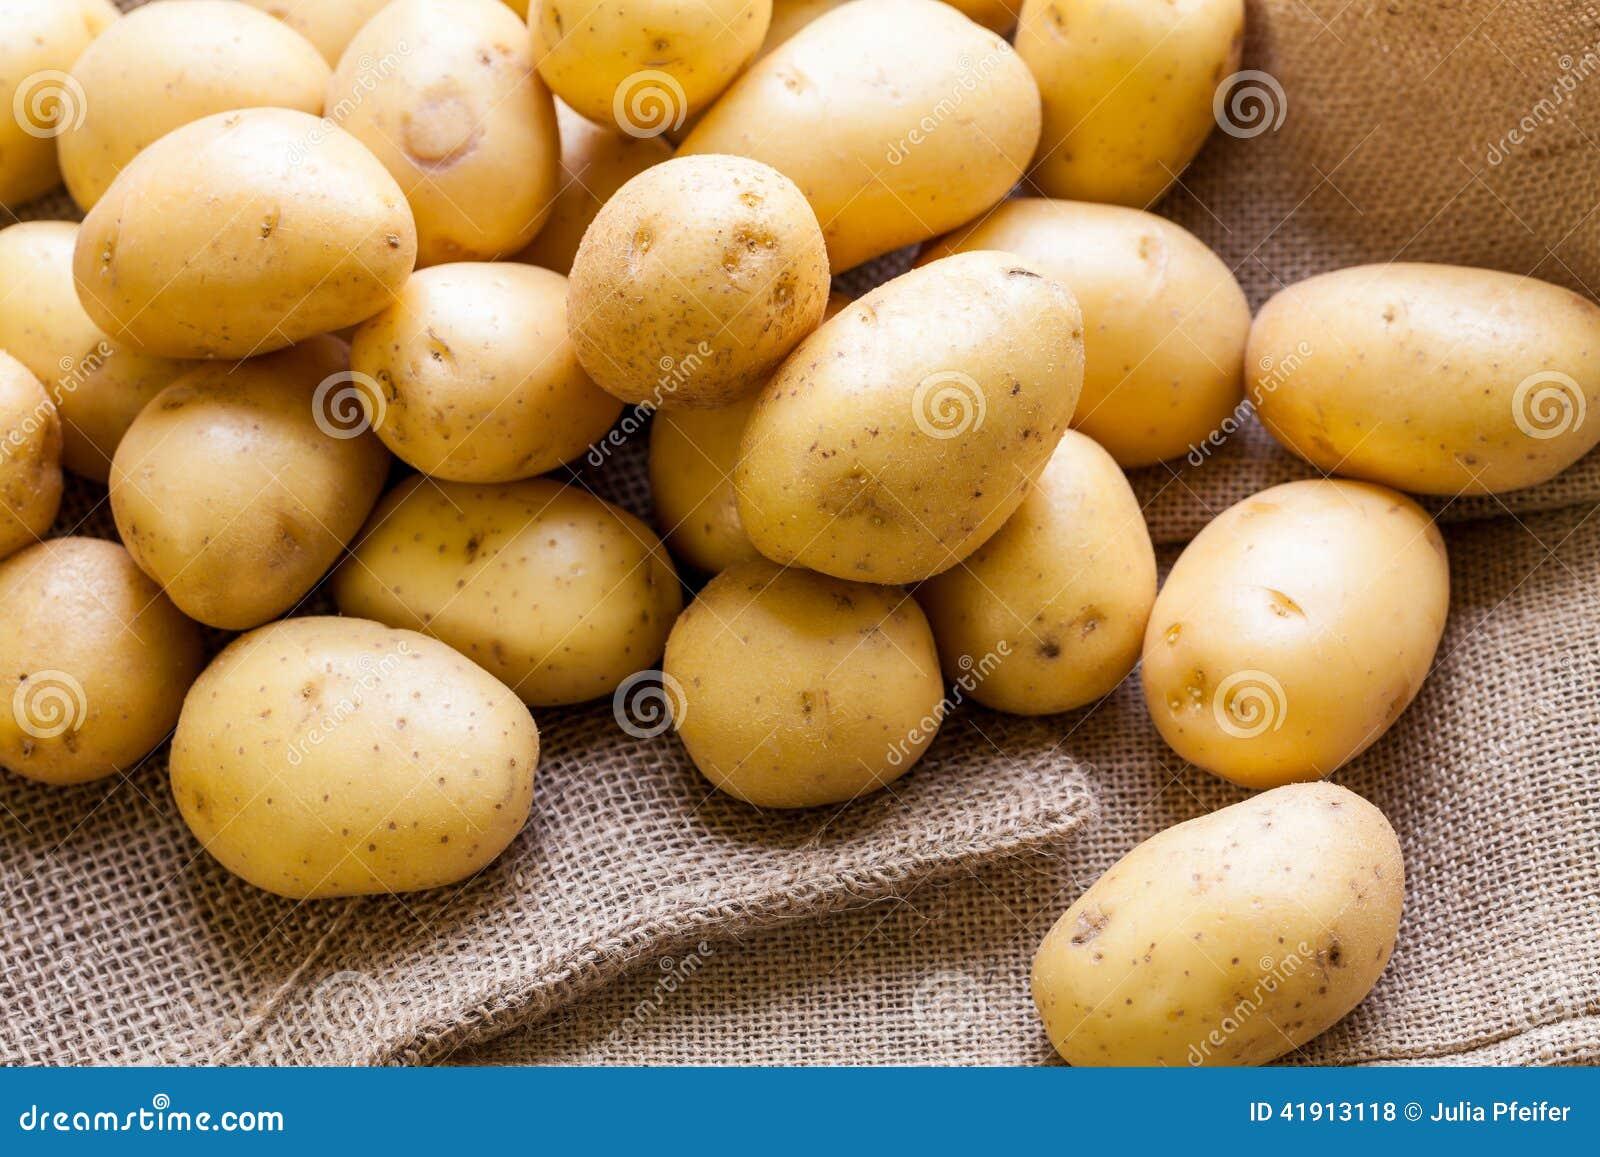 Frische Kartoffeln des Bauernhofes auf einem Sack des groben Sackzeugs